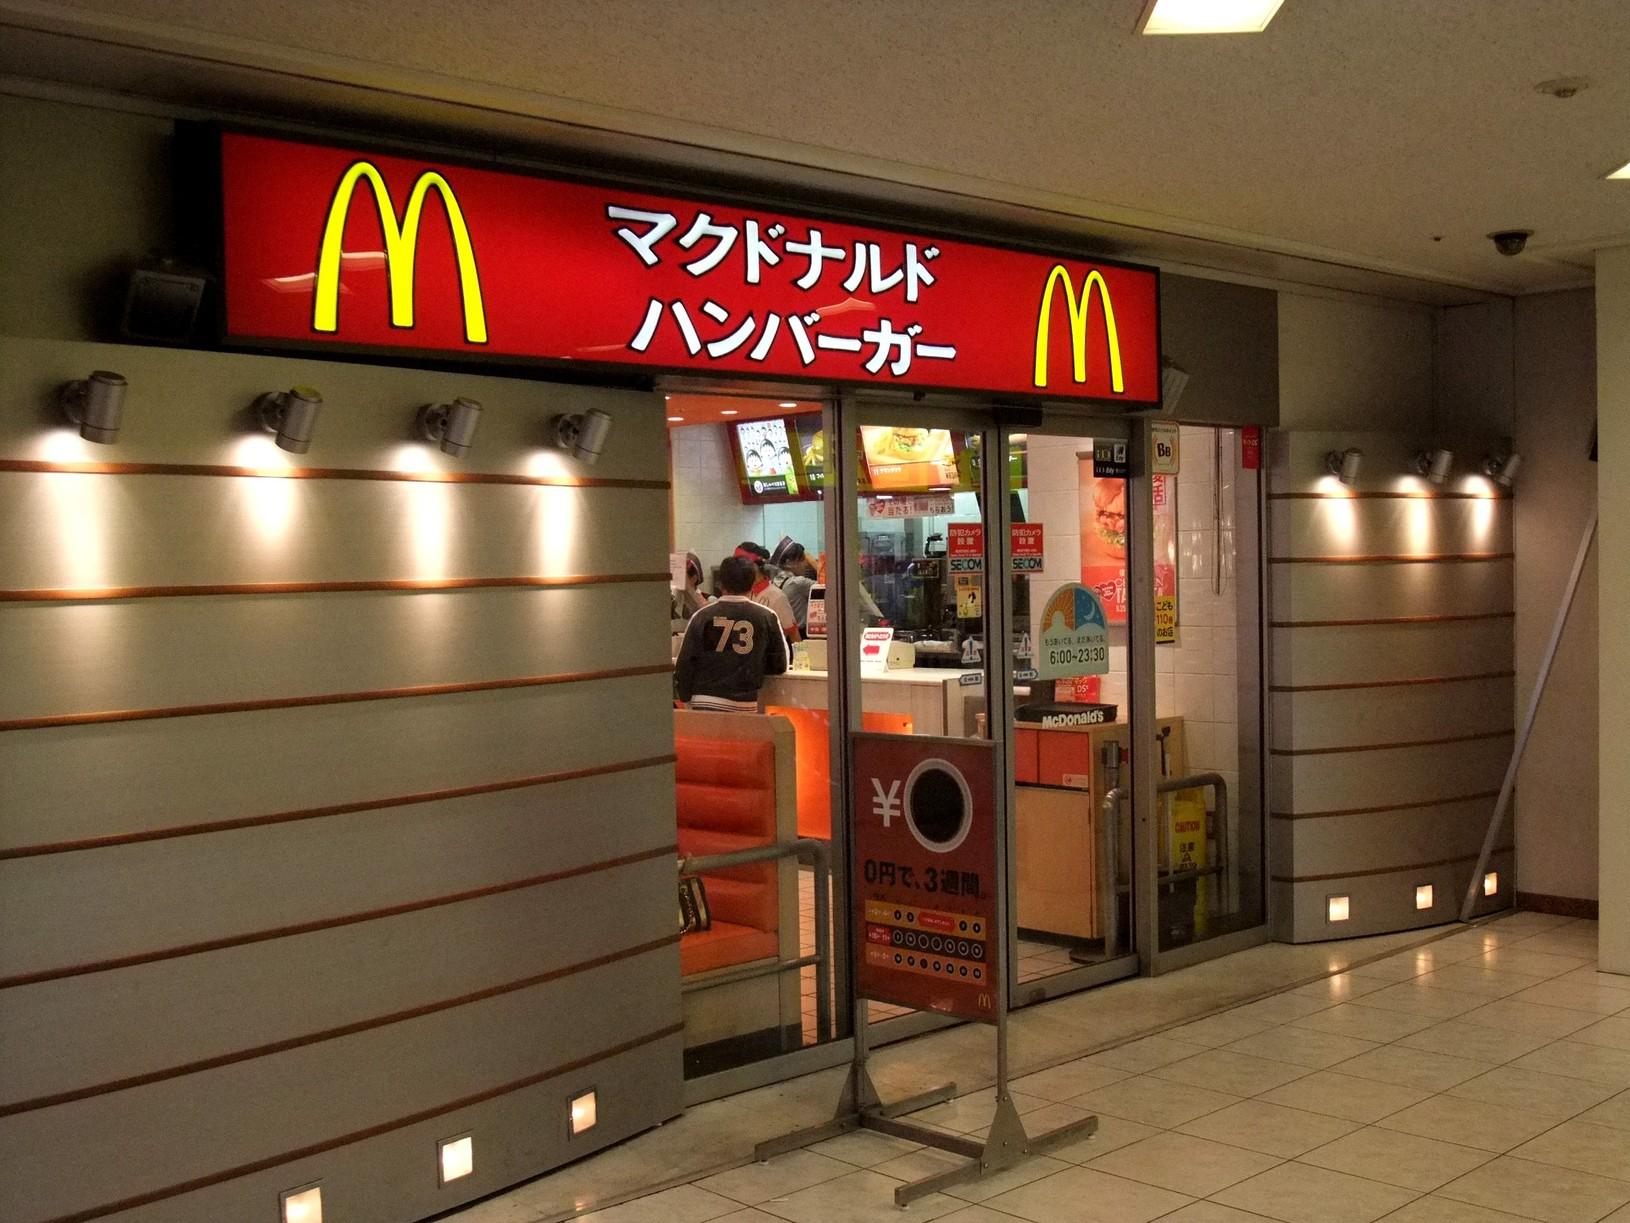 マクドナルド 住吉駅前店